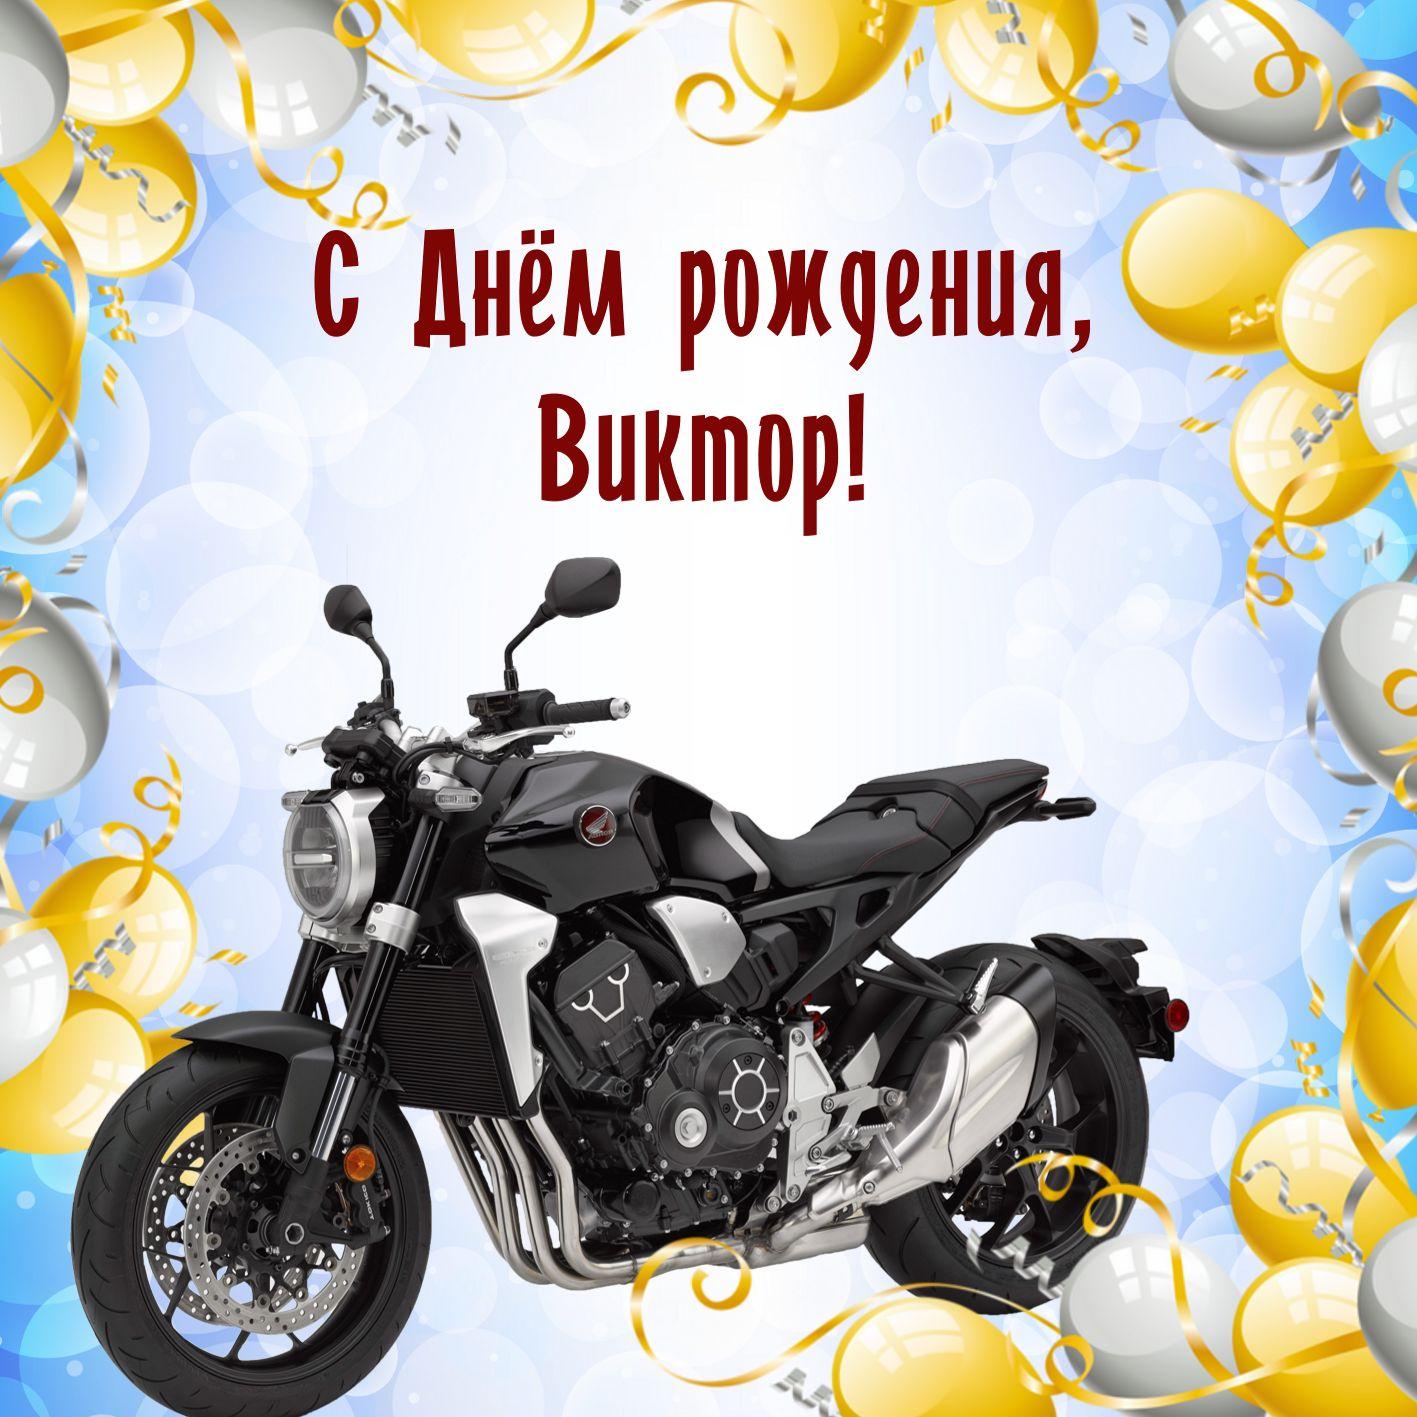 Картинка с мотоциклом среди шариков на День рождения Виктору